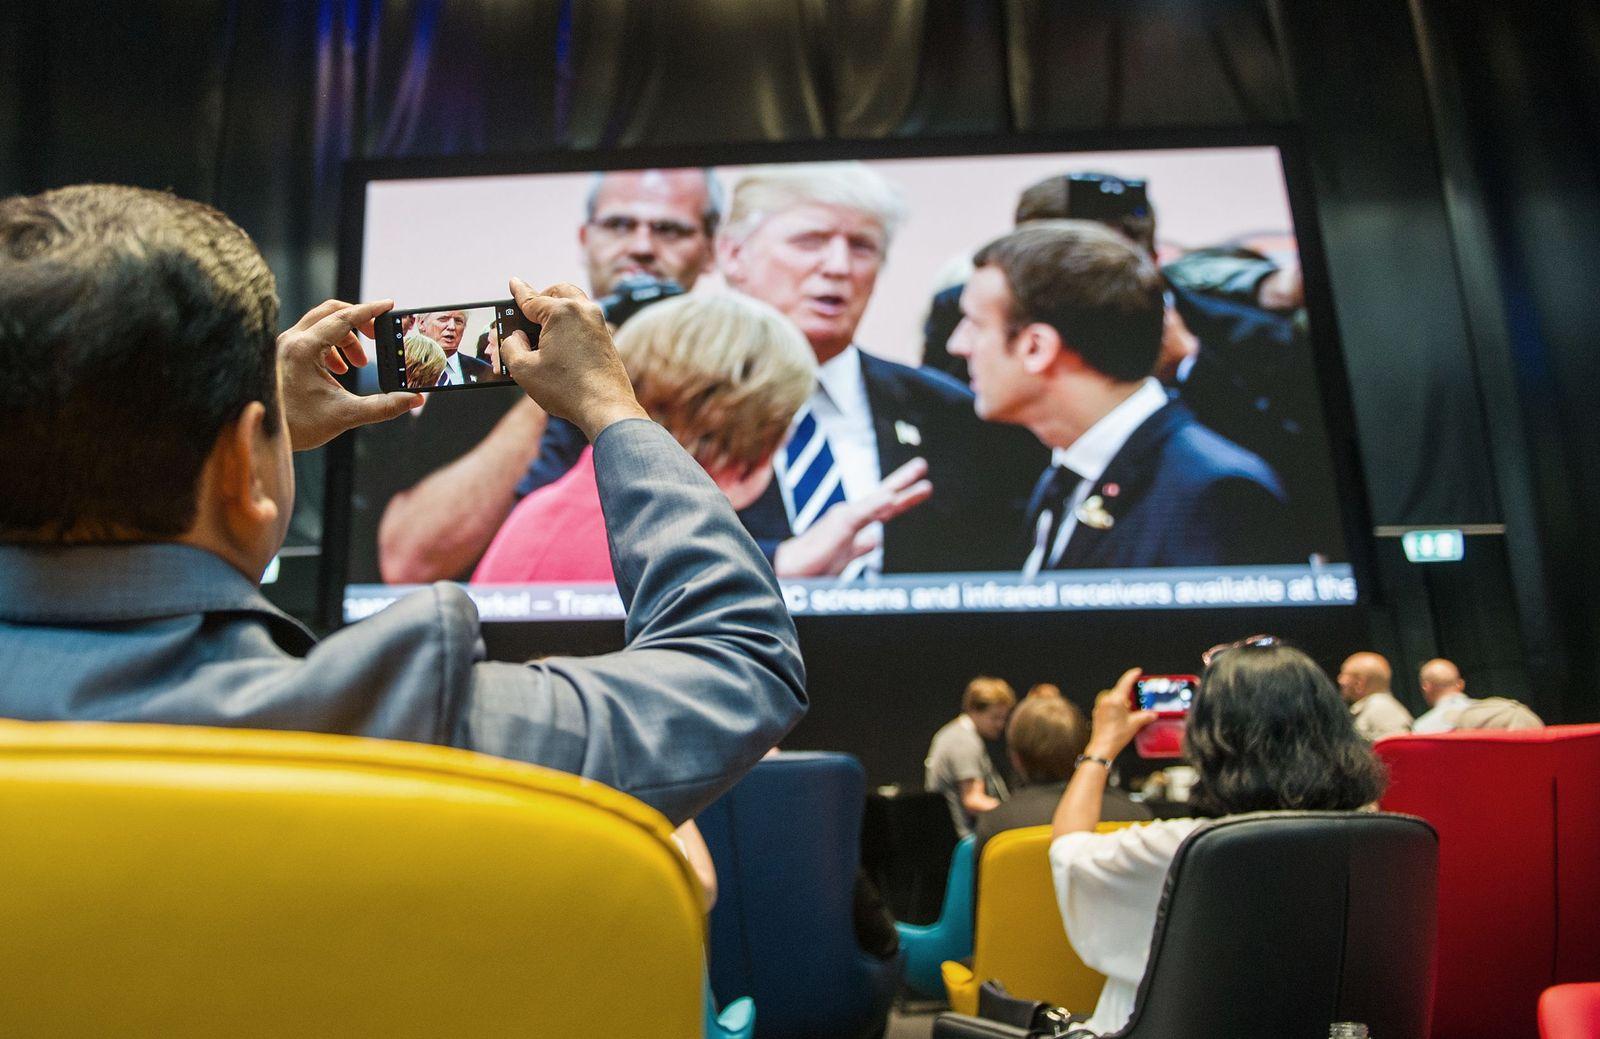 G20/ Medienzentrum